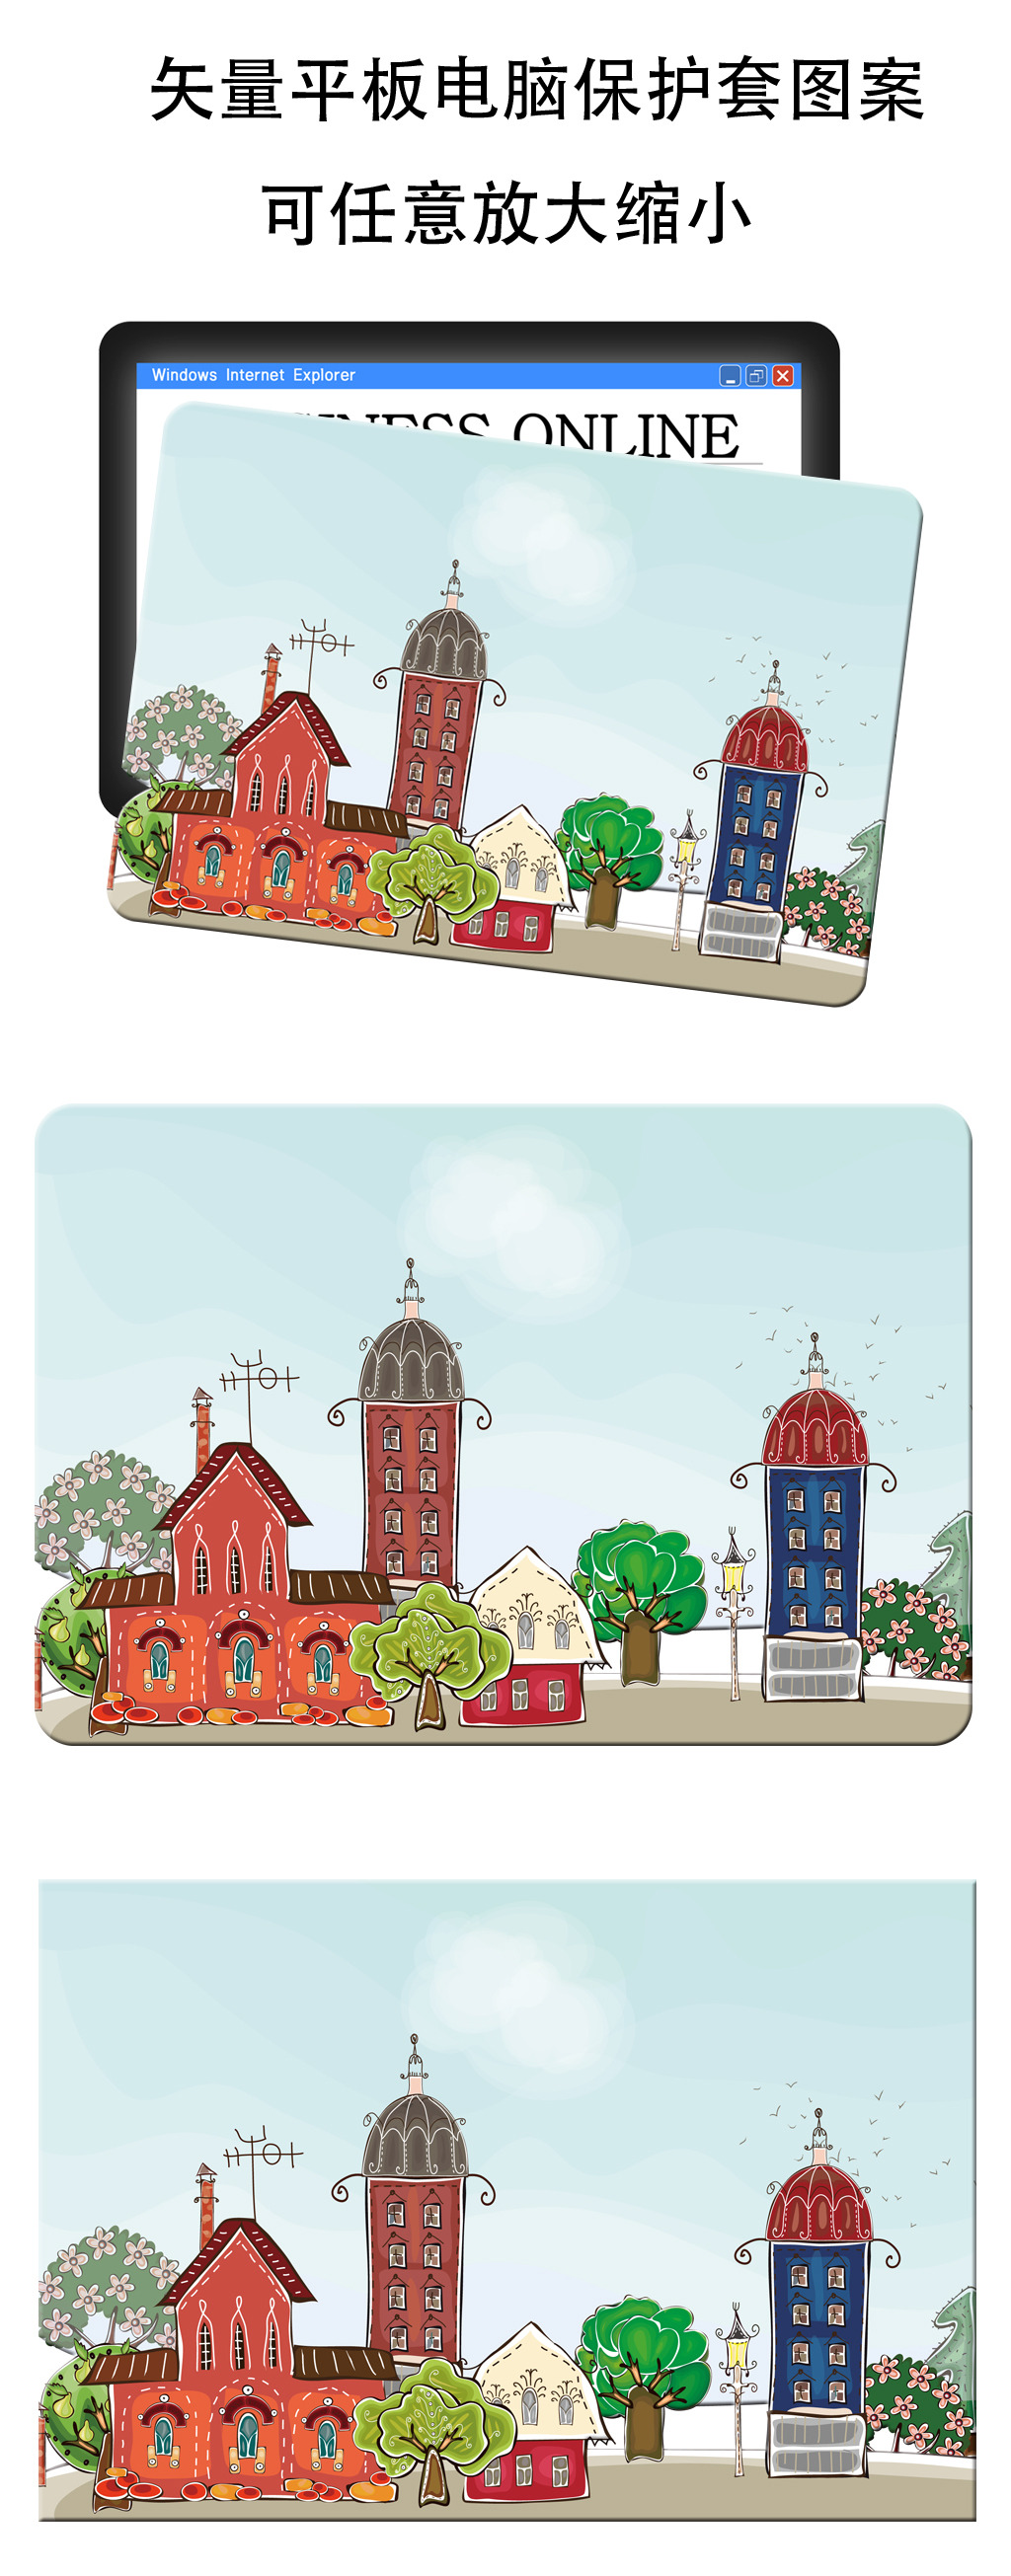 卡通手绘城市元素矢量ipad保护套